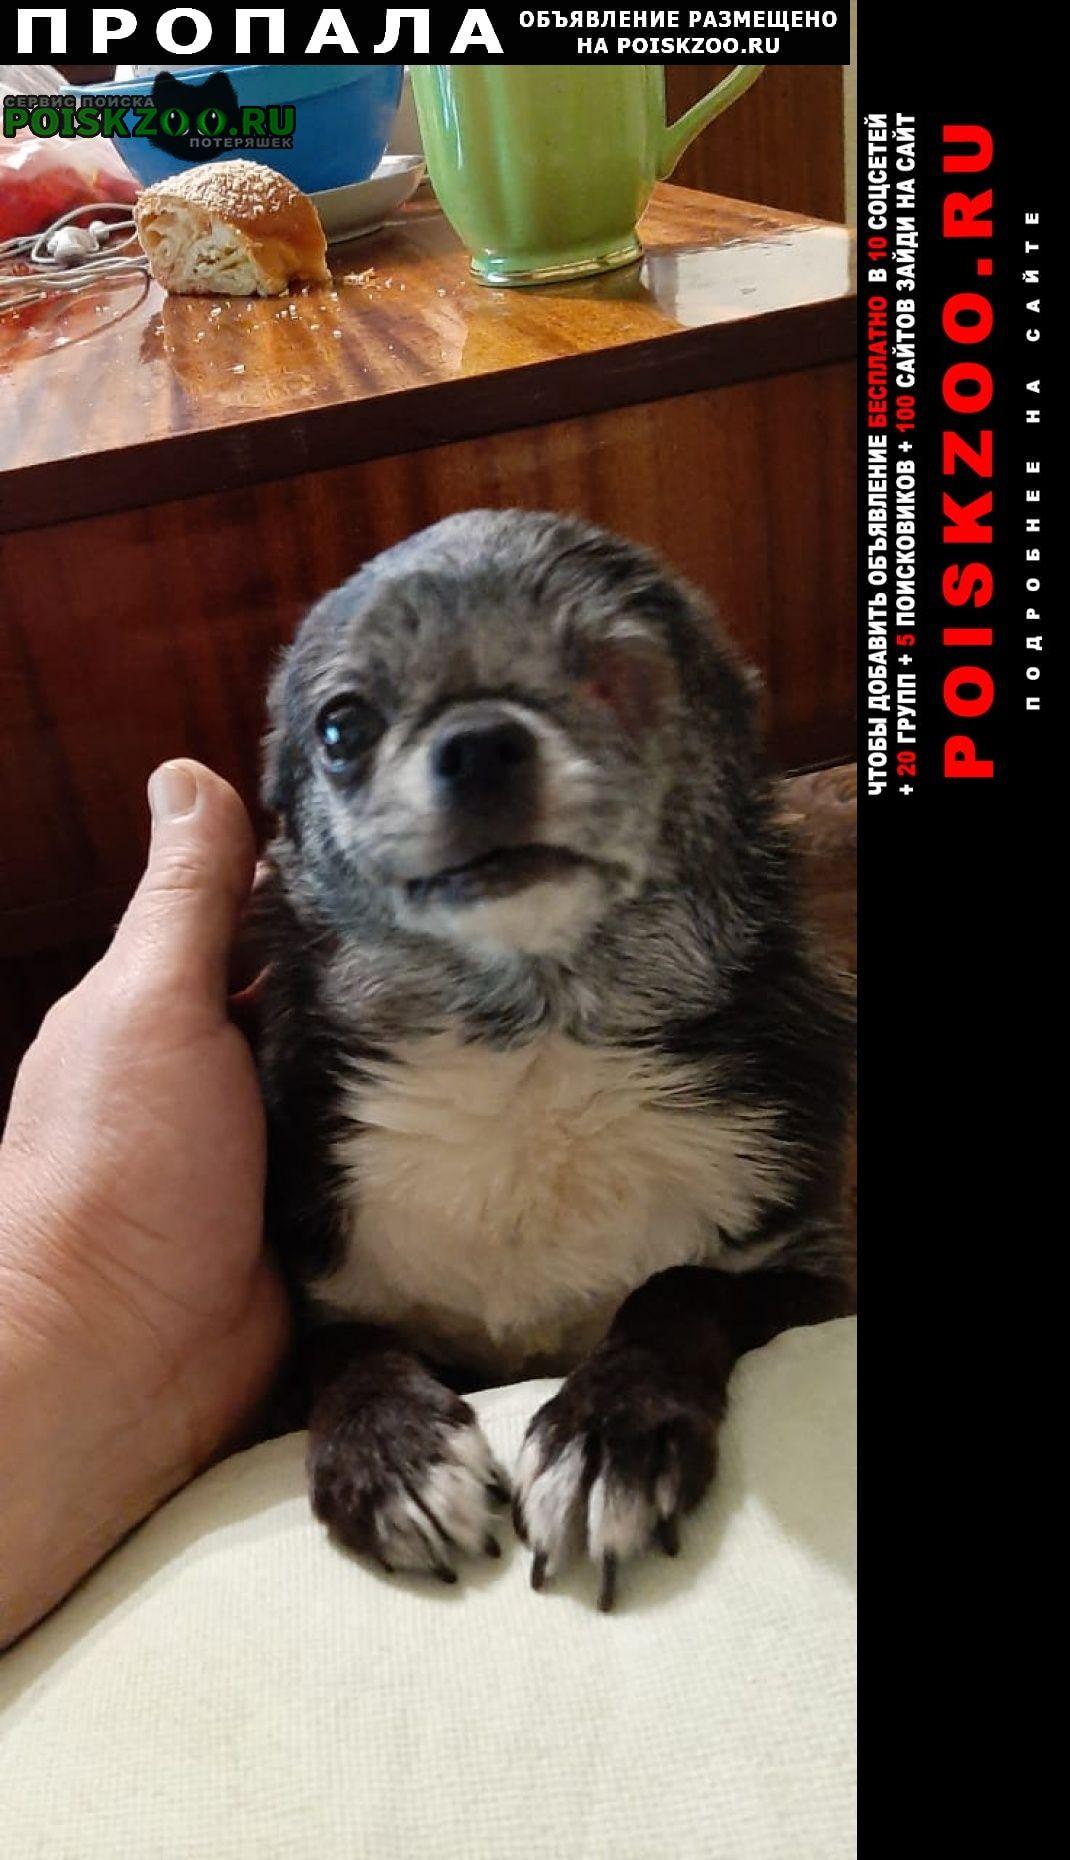 Пропала собака Жуковский